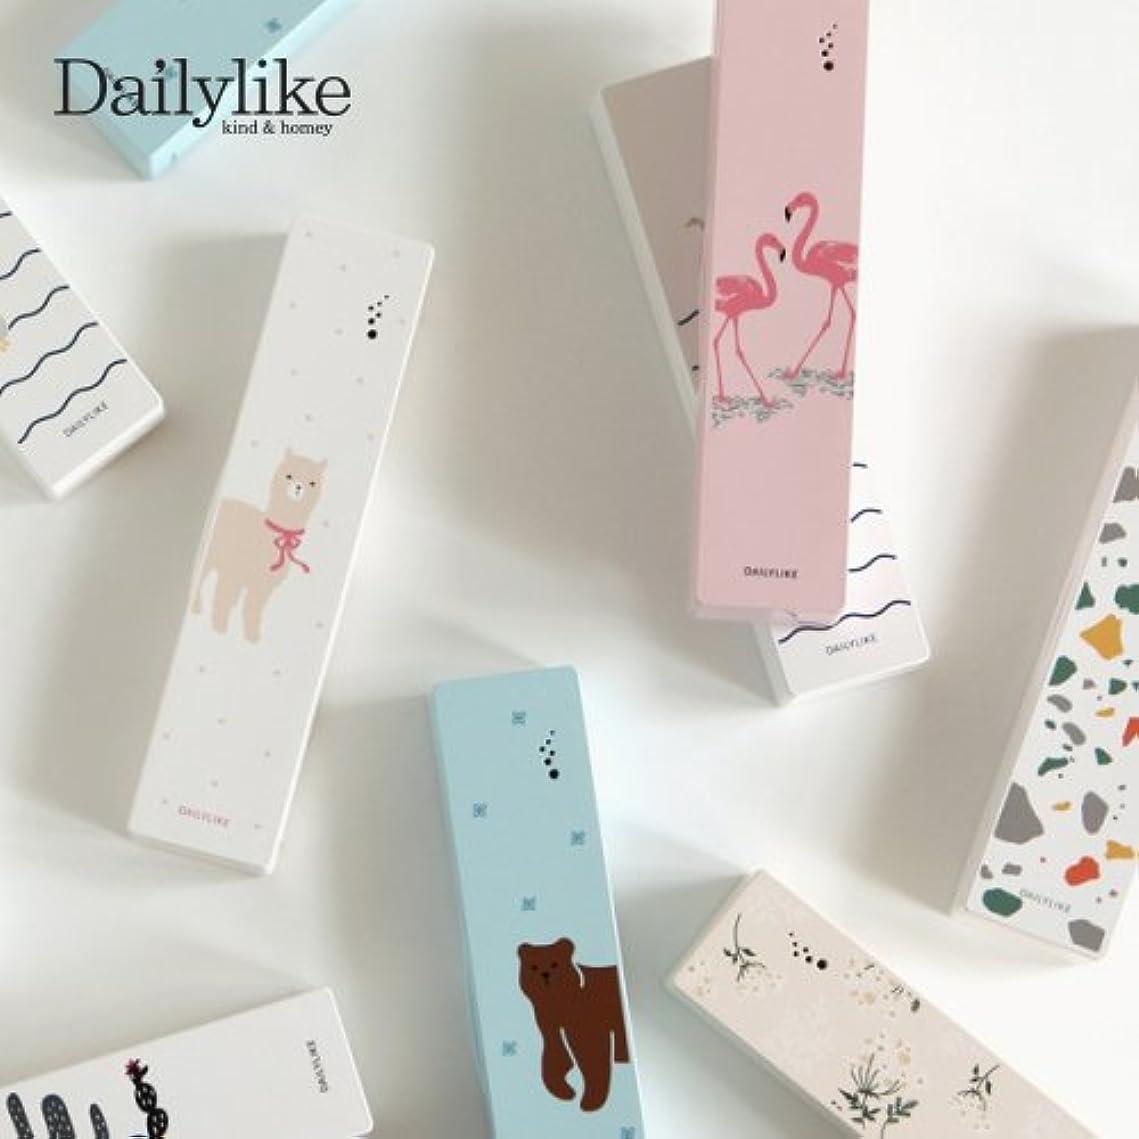 ミシン目プロジェクターコンプライアンス【Dailylike】携帯用歯ブラシ除菌器(Portable Toothbrush Sterilizer) (Alpaca)